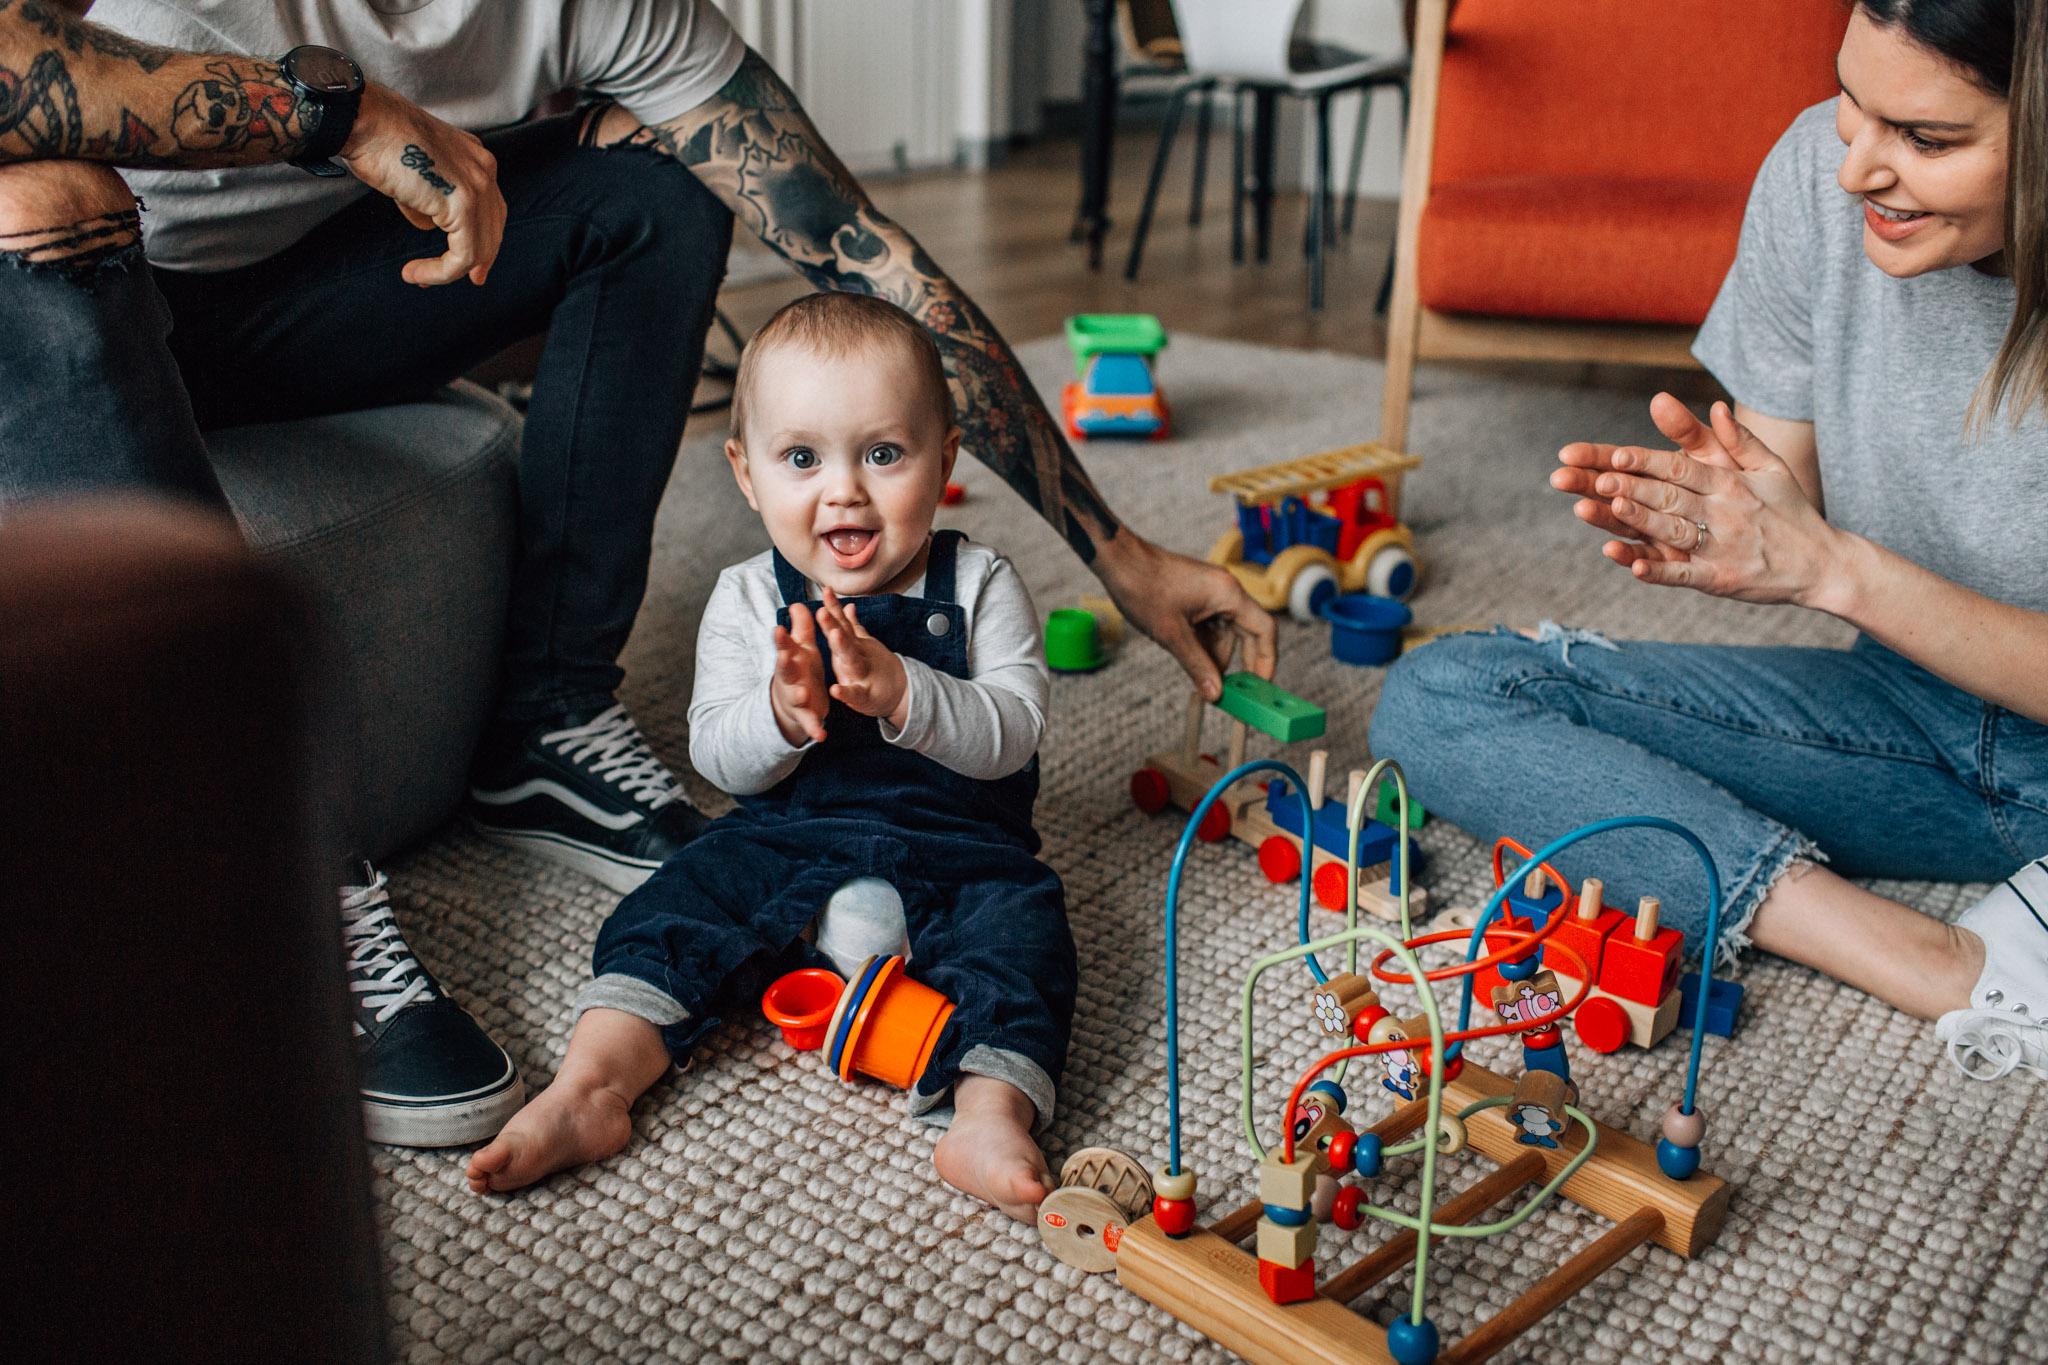 family-on-floor (1 of 1).jpg